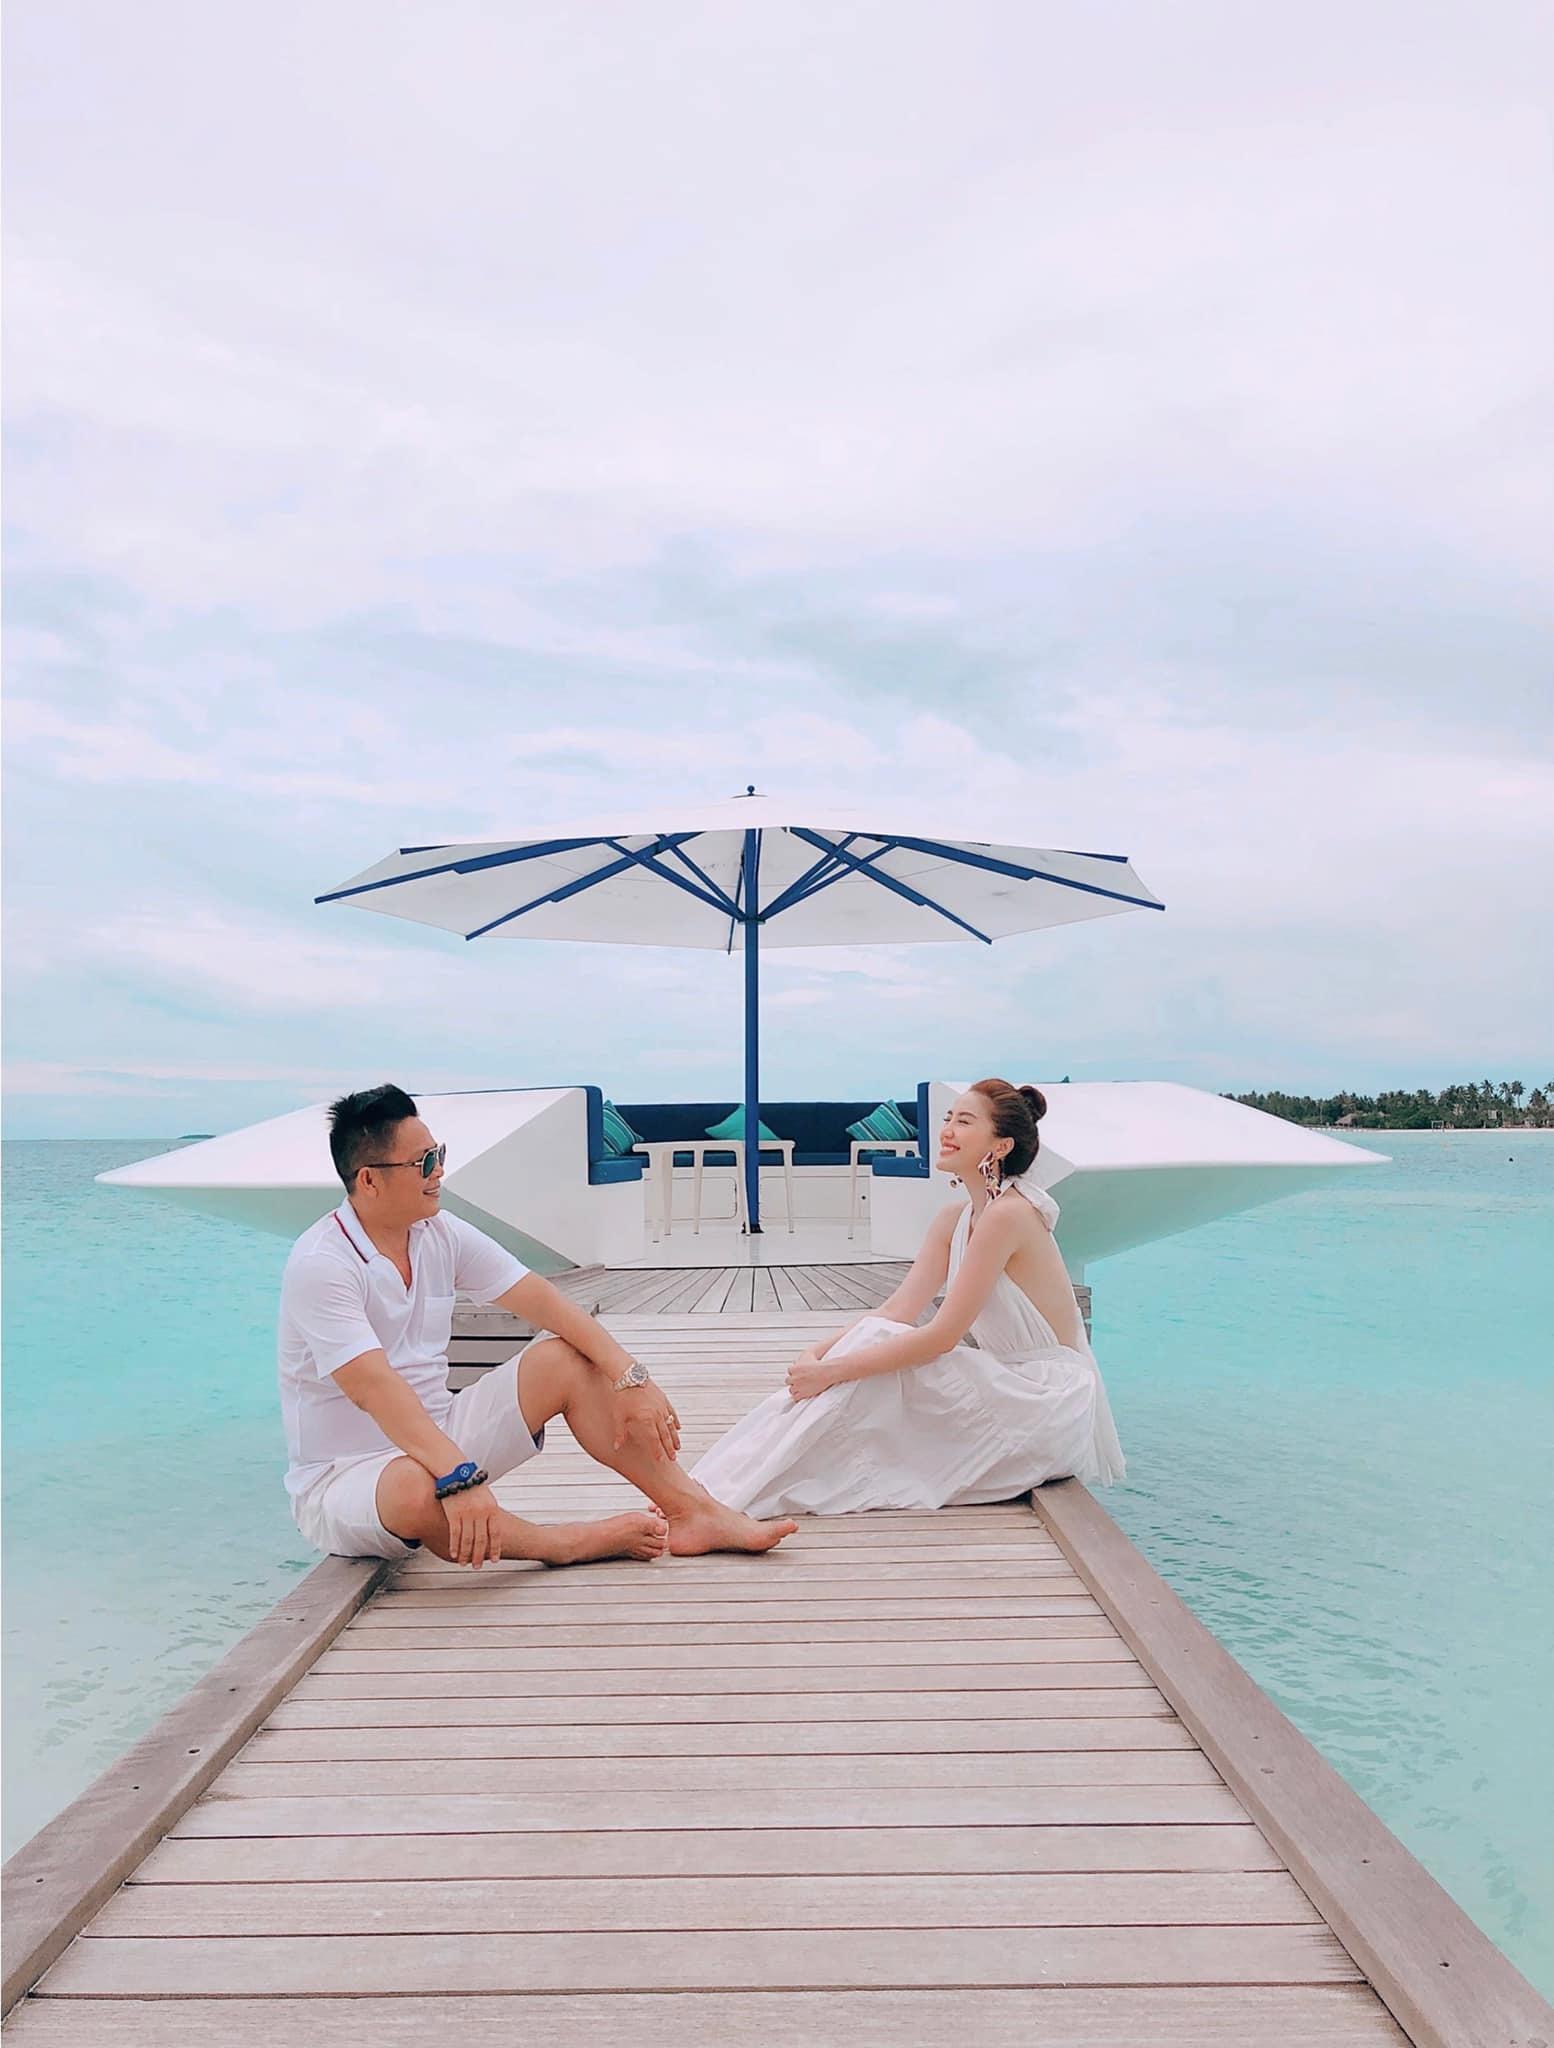 Tuổi 33, Bảo Thy sống sang chảnh bên chồng đại gia